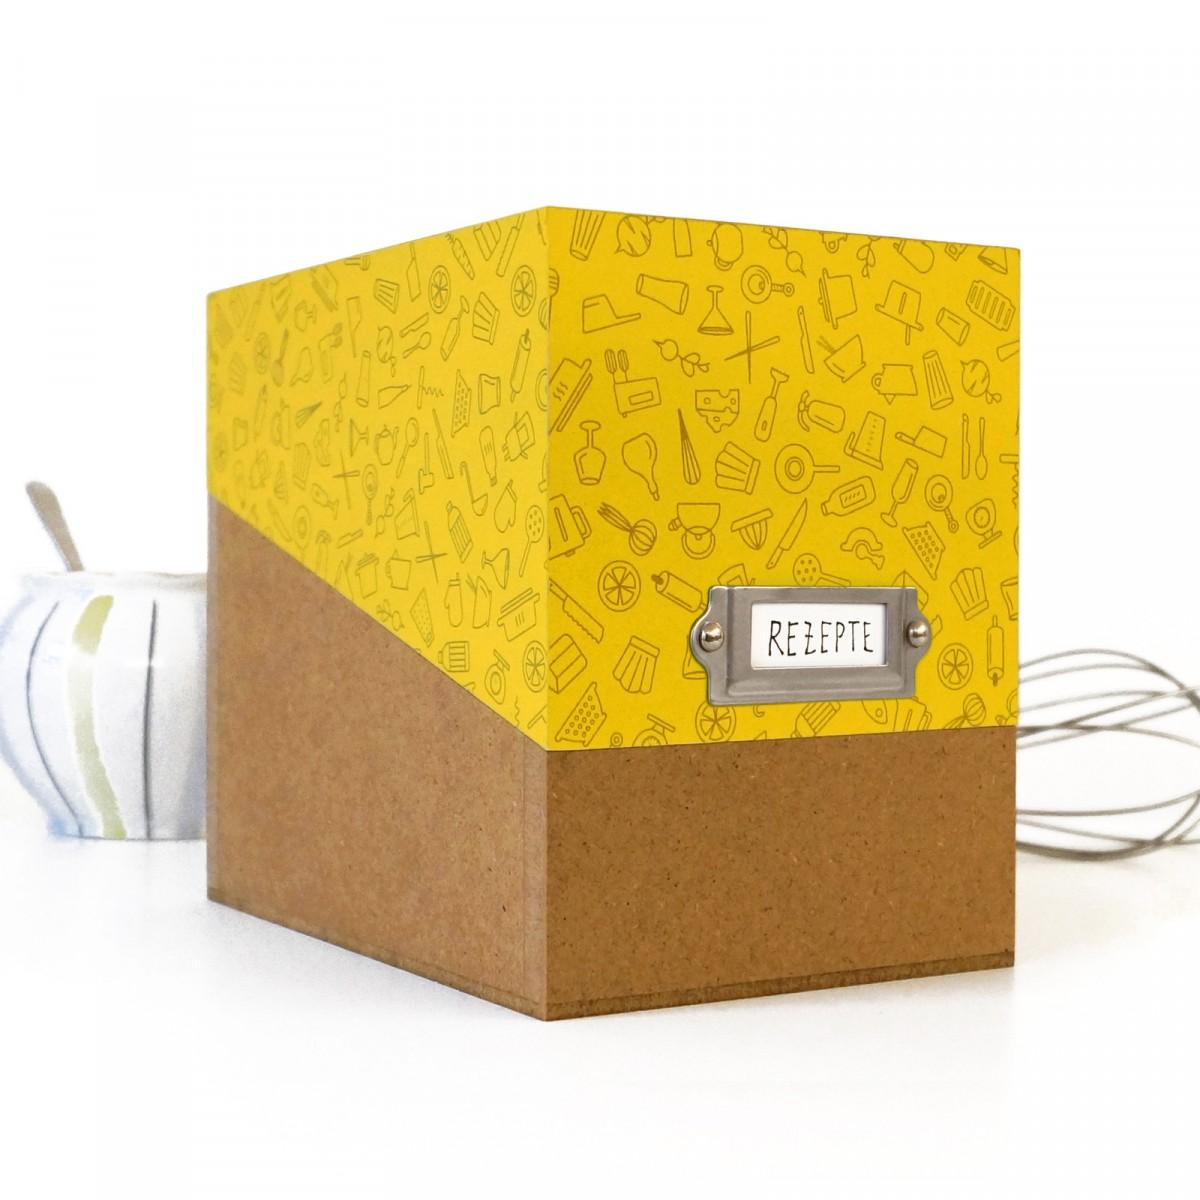 sperlingB – Rezeptbox, gelbes Muster, Karteikartenbox für Rezepte, mit Metallschild